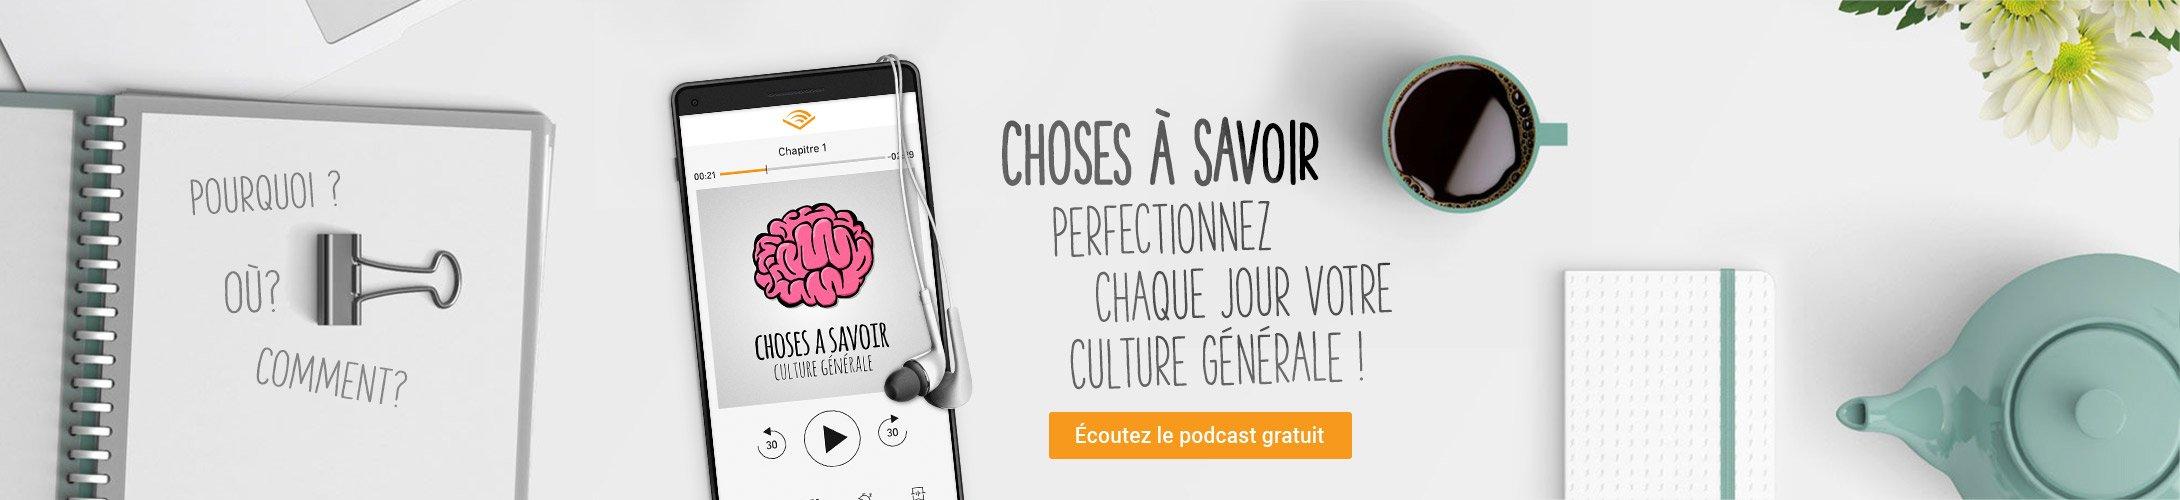 Choses à savoir Culture générale. Vers le podcast gratuit.